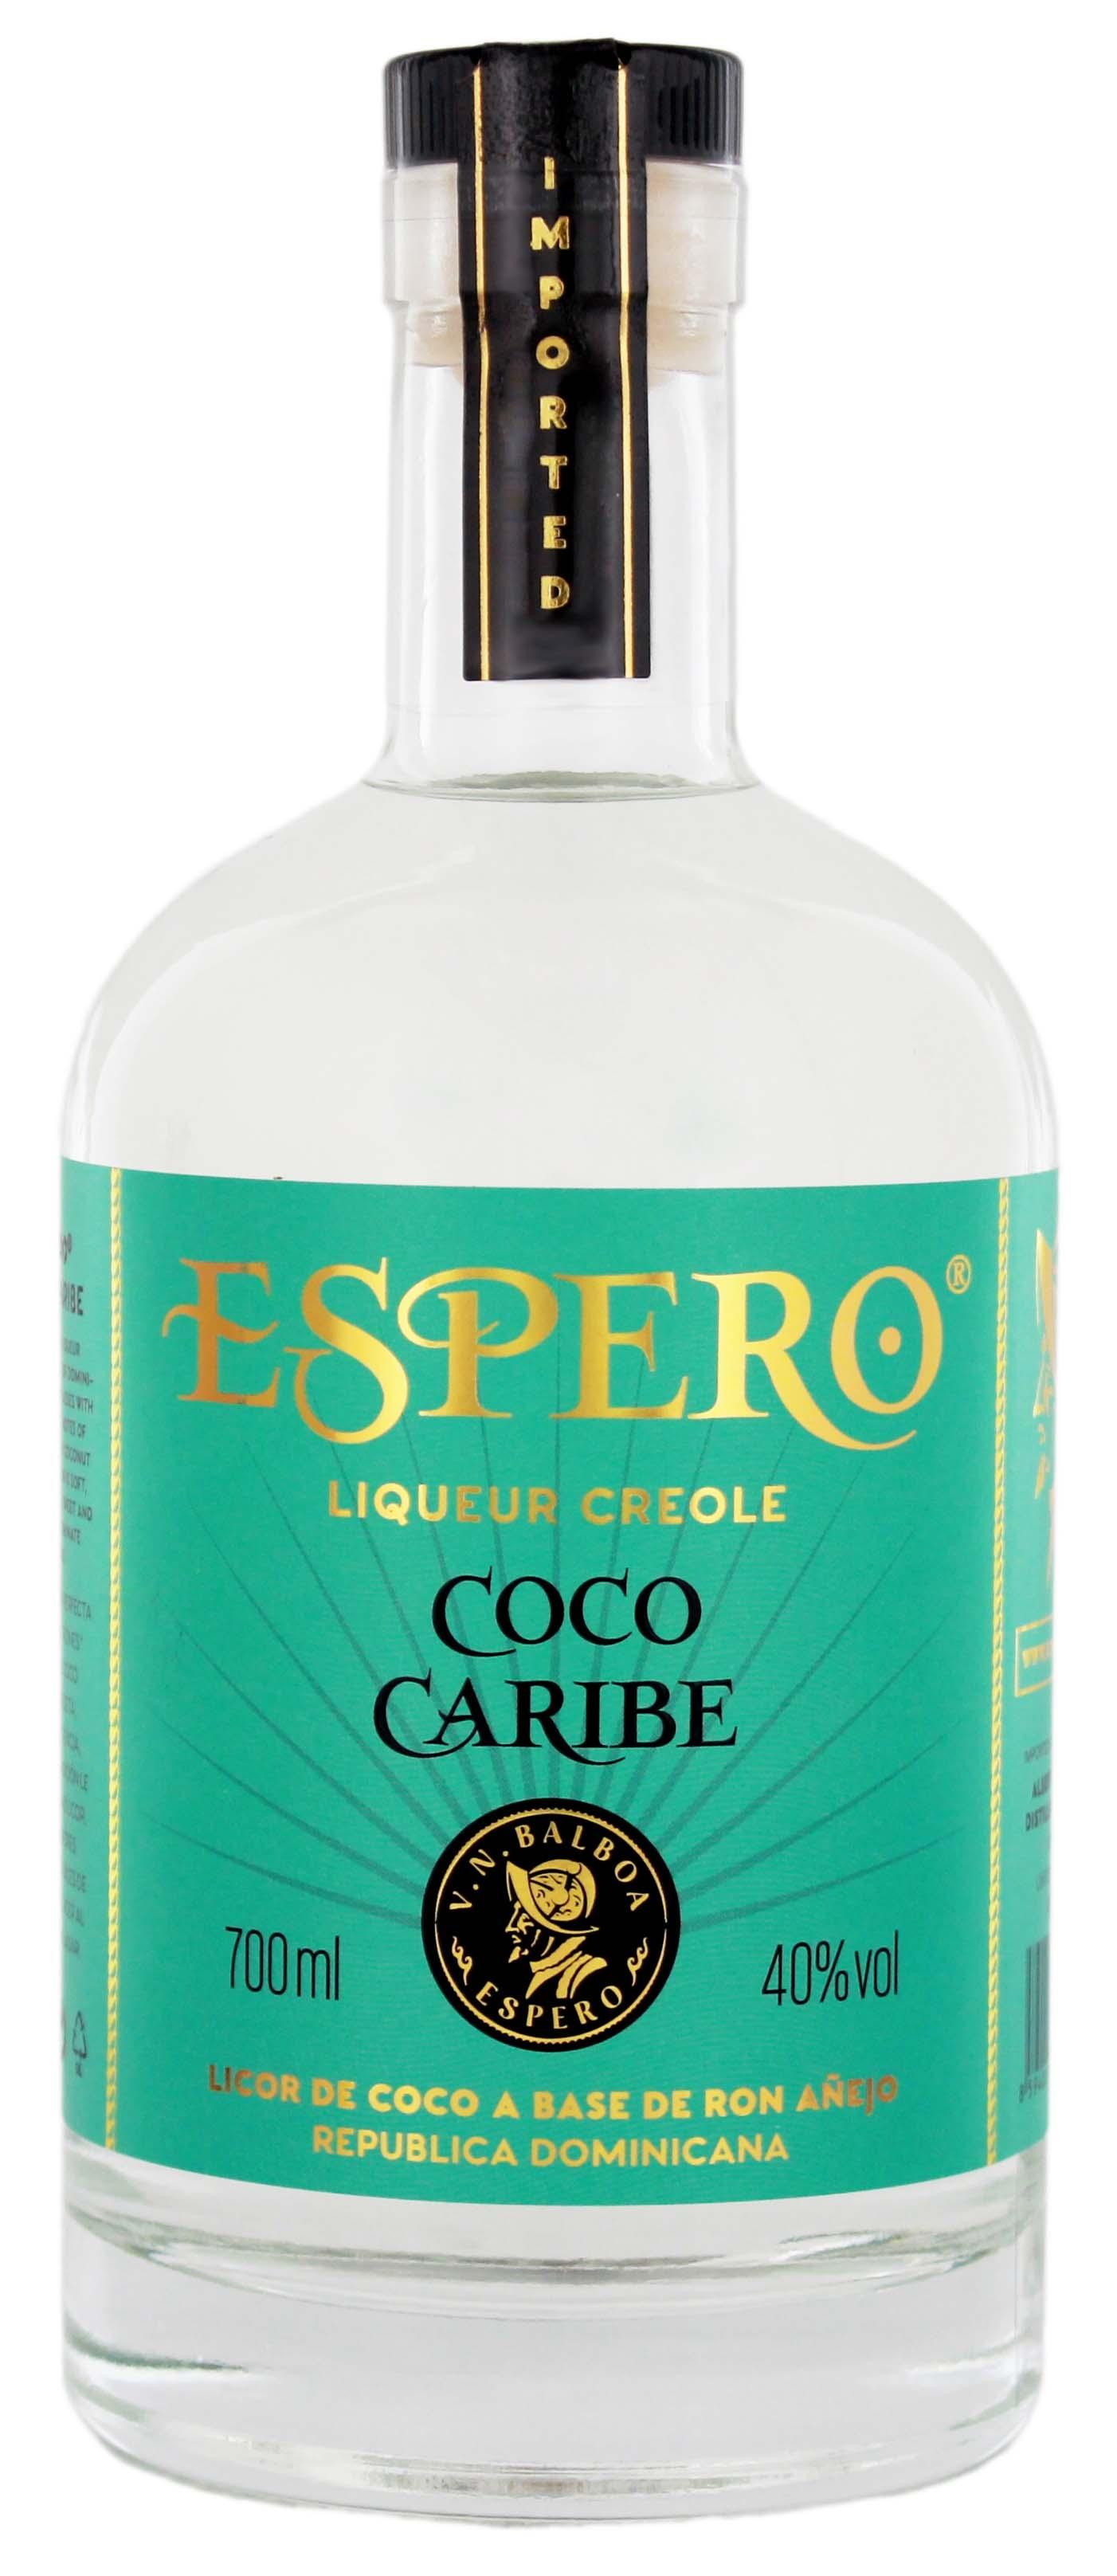 Espero Creole Coco Caribe 0,7L